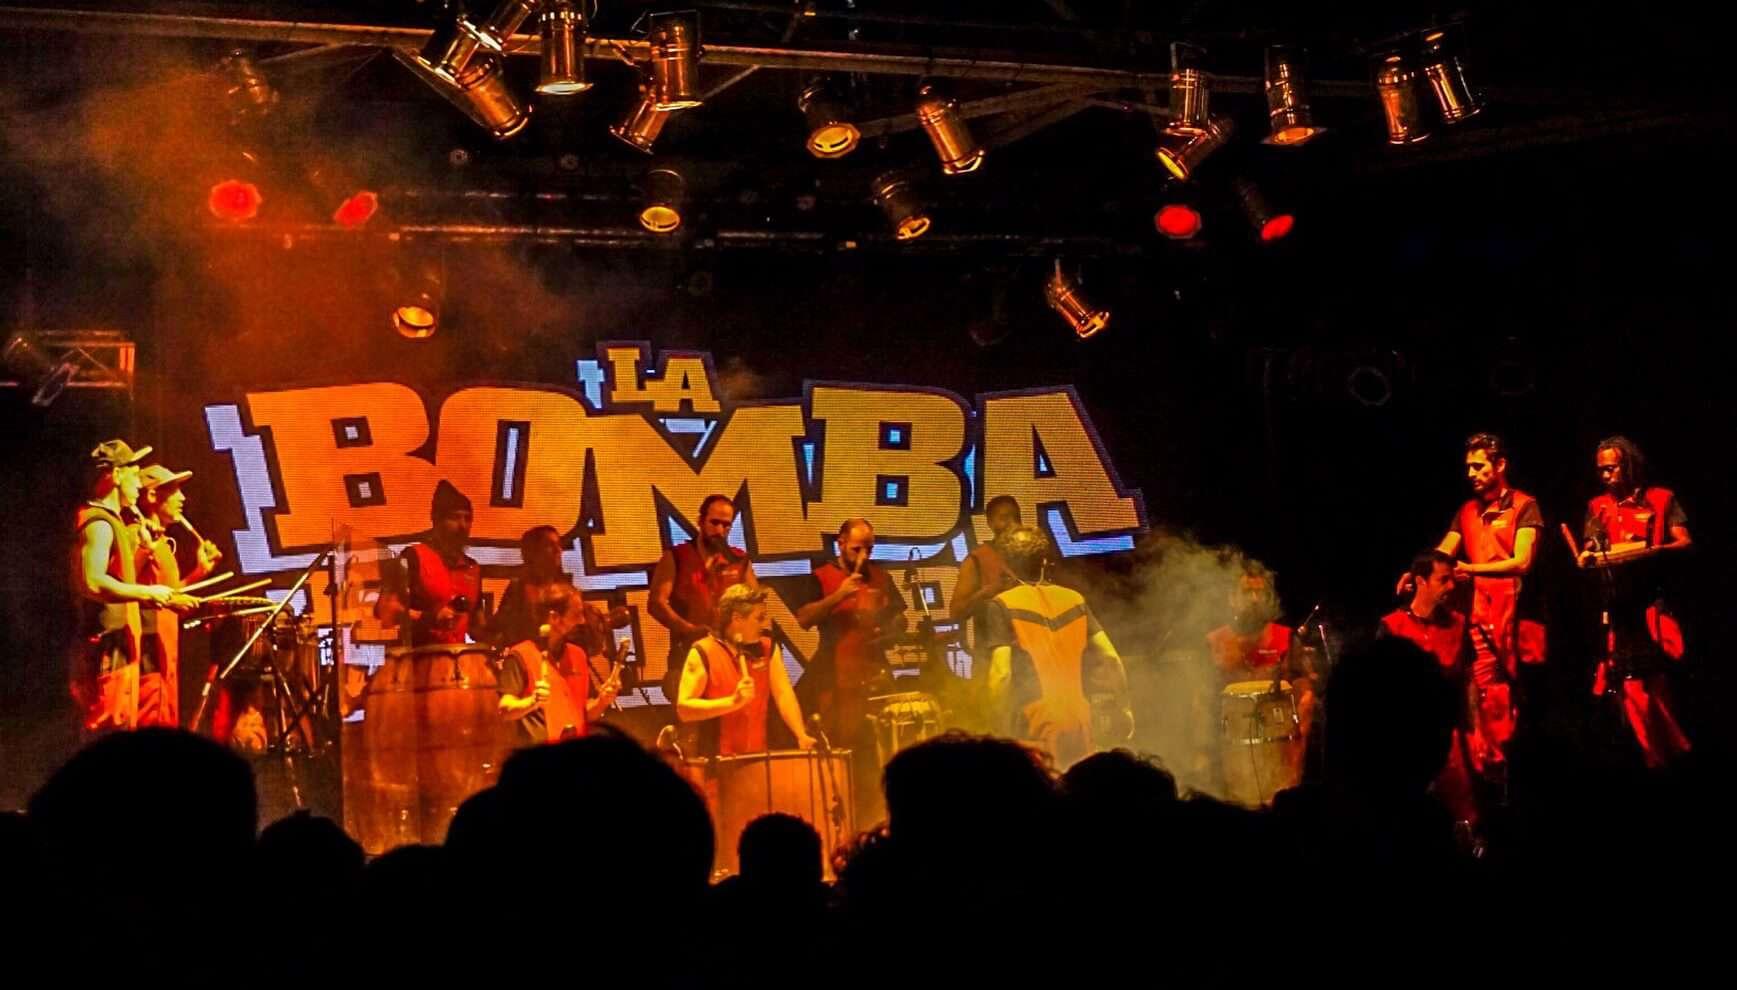 Bombay Del Tiempo in Buenos Aires